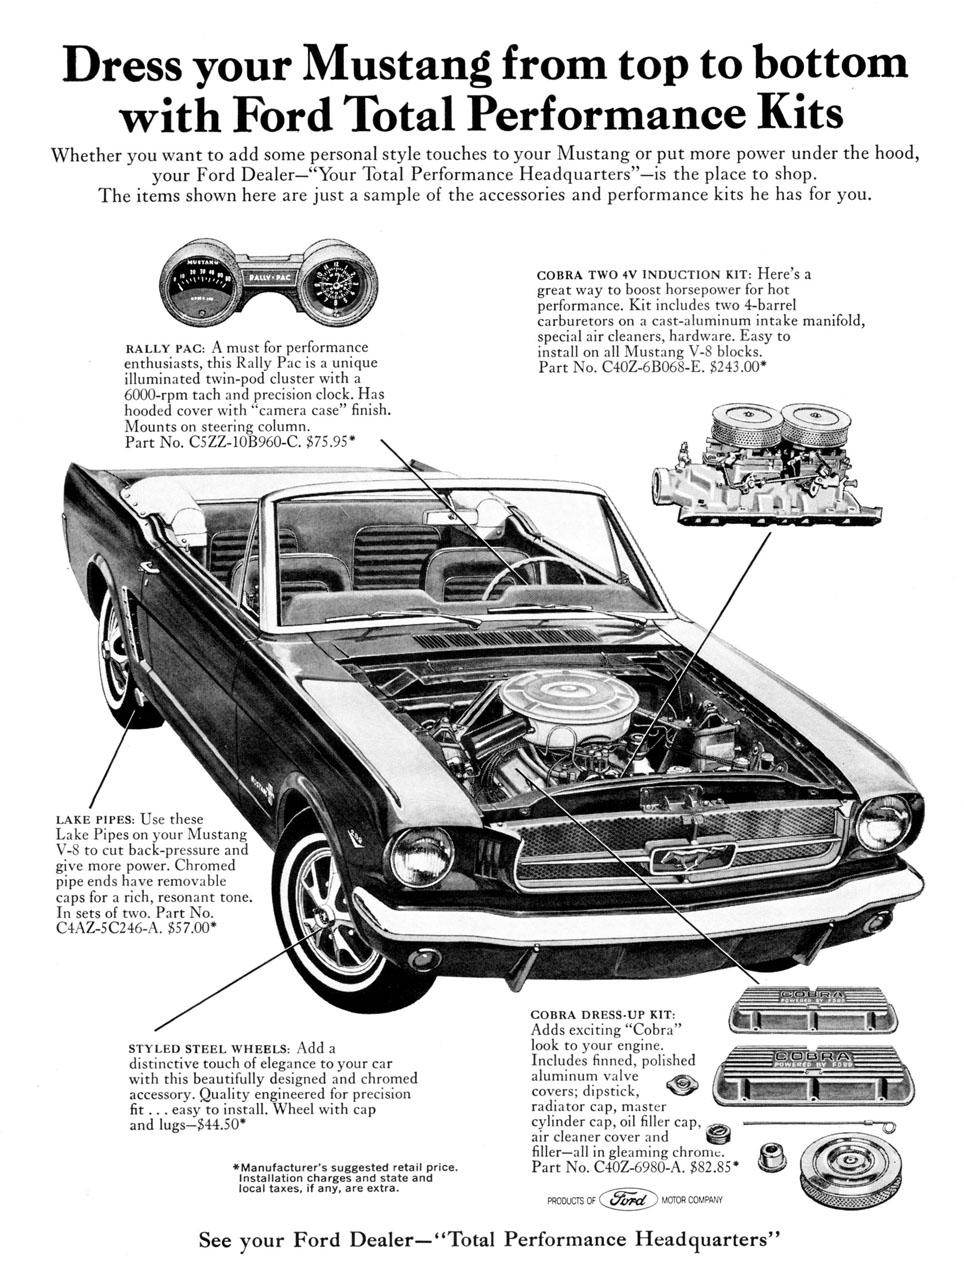 TunnelRam_Mustang (77).jpg